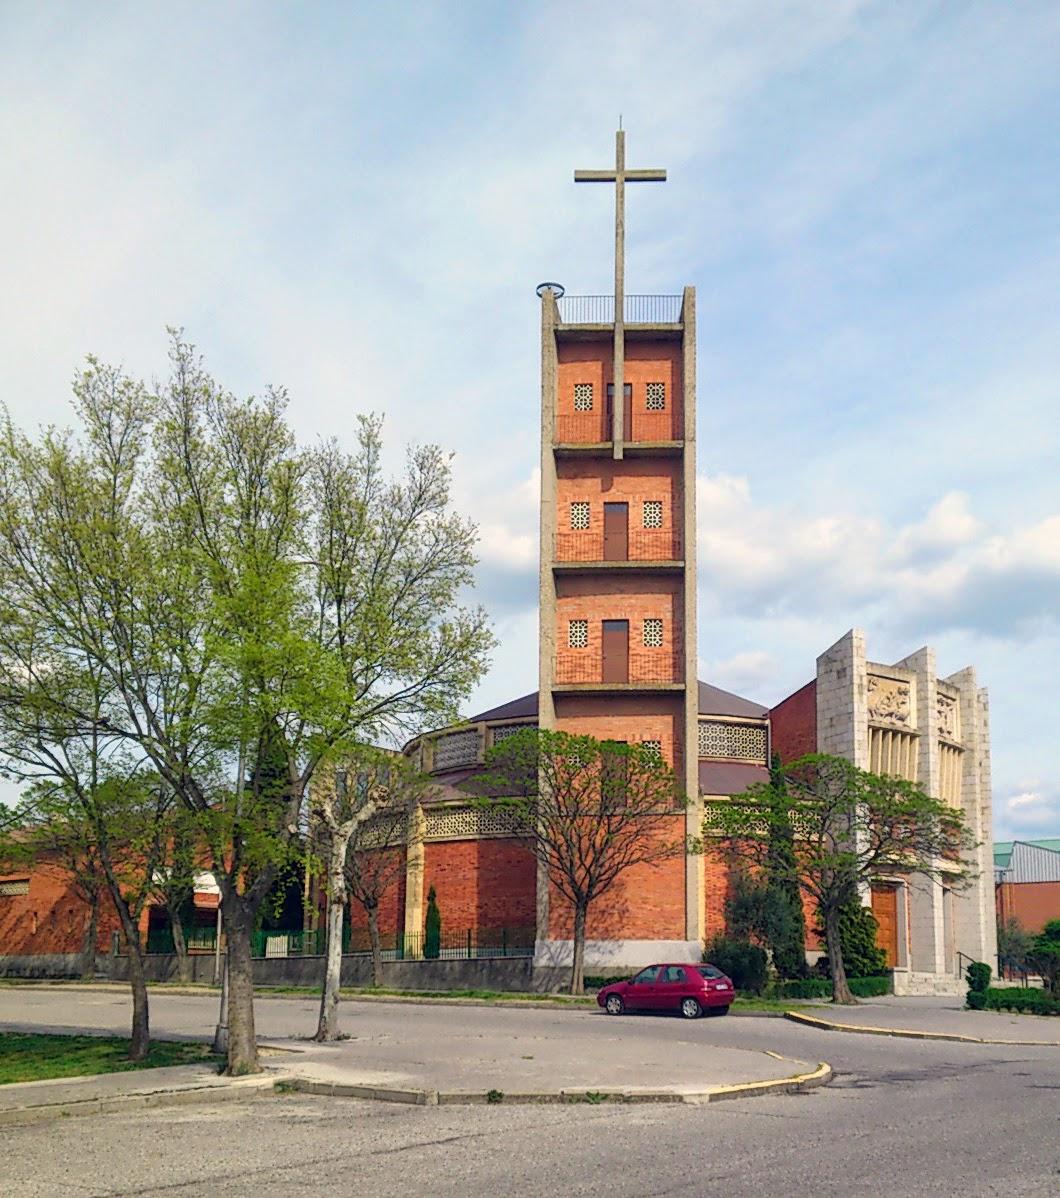 Iglesia del carmen arquitectura eclesi stica comtempor nea en segovia sf23 arquitectos - Arquitectos en segovia ...